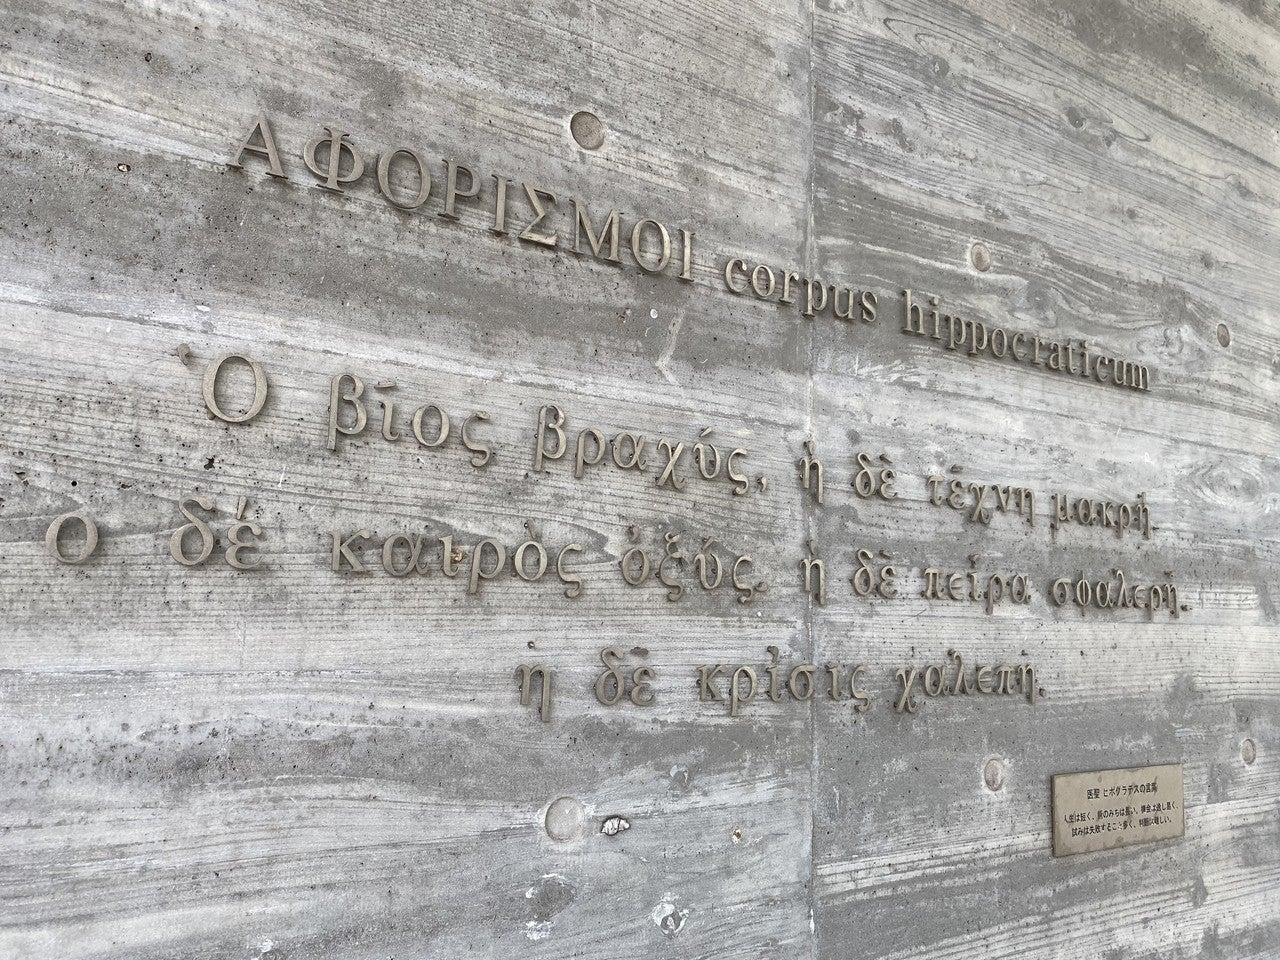 古代ギリシャ・ピポクラテスの歯科:歯科医療の歴史(紀元前③ ...